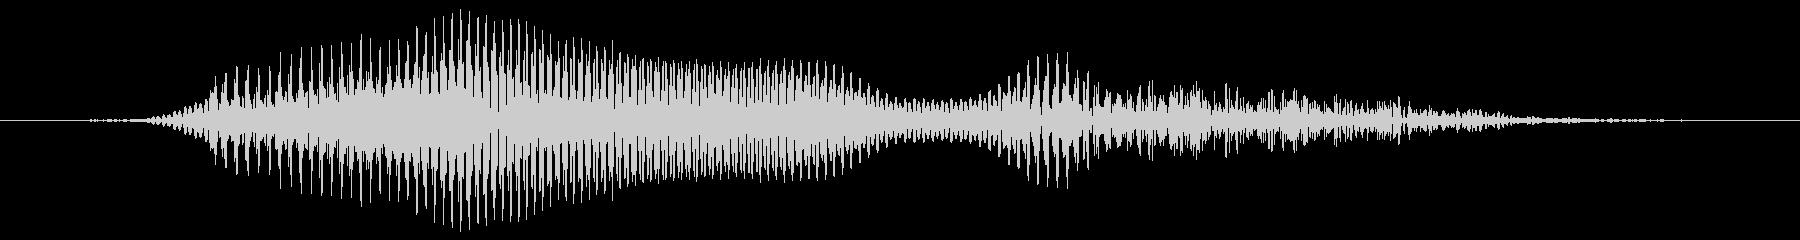 若い女性の声で「令和」(頭高型/無加工)の未再生の波形